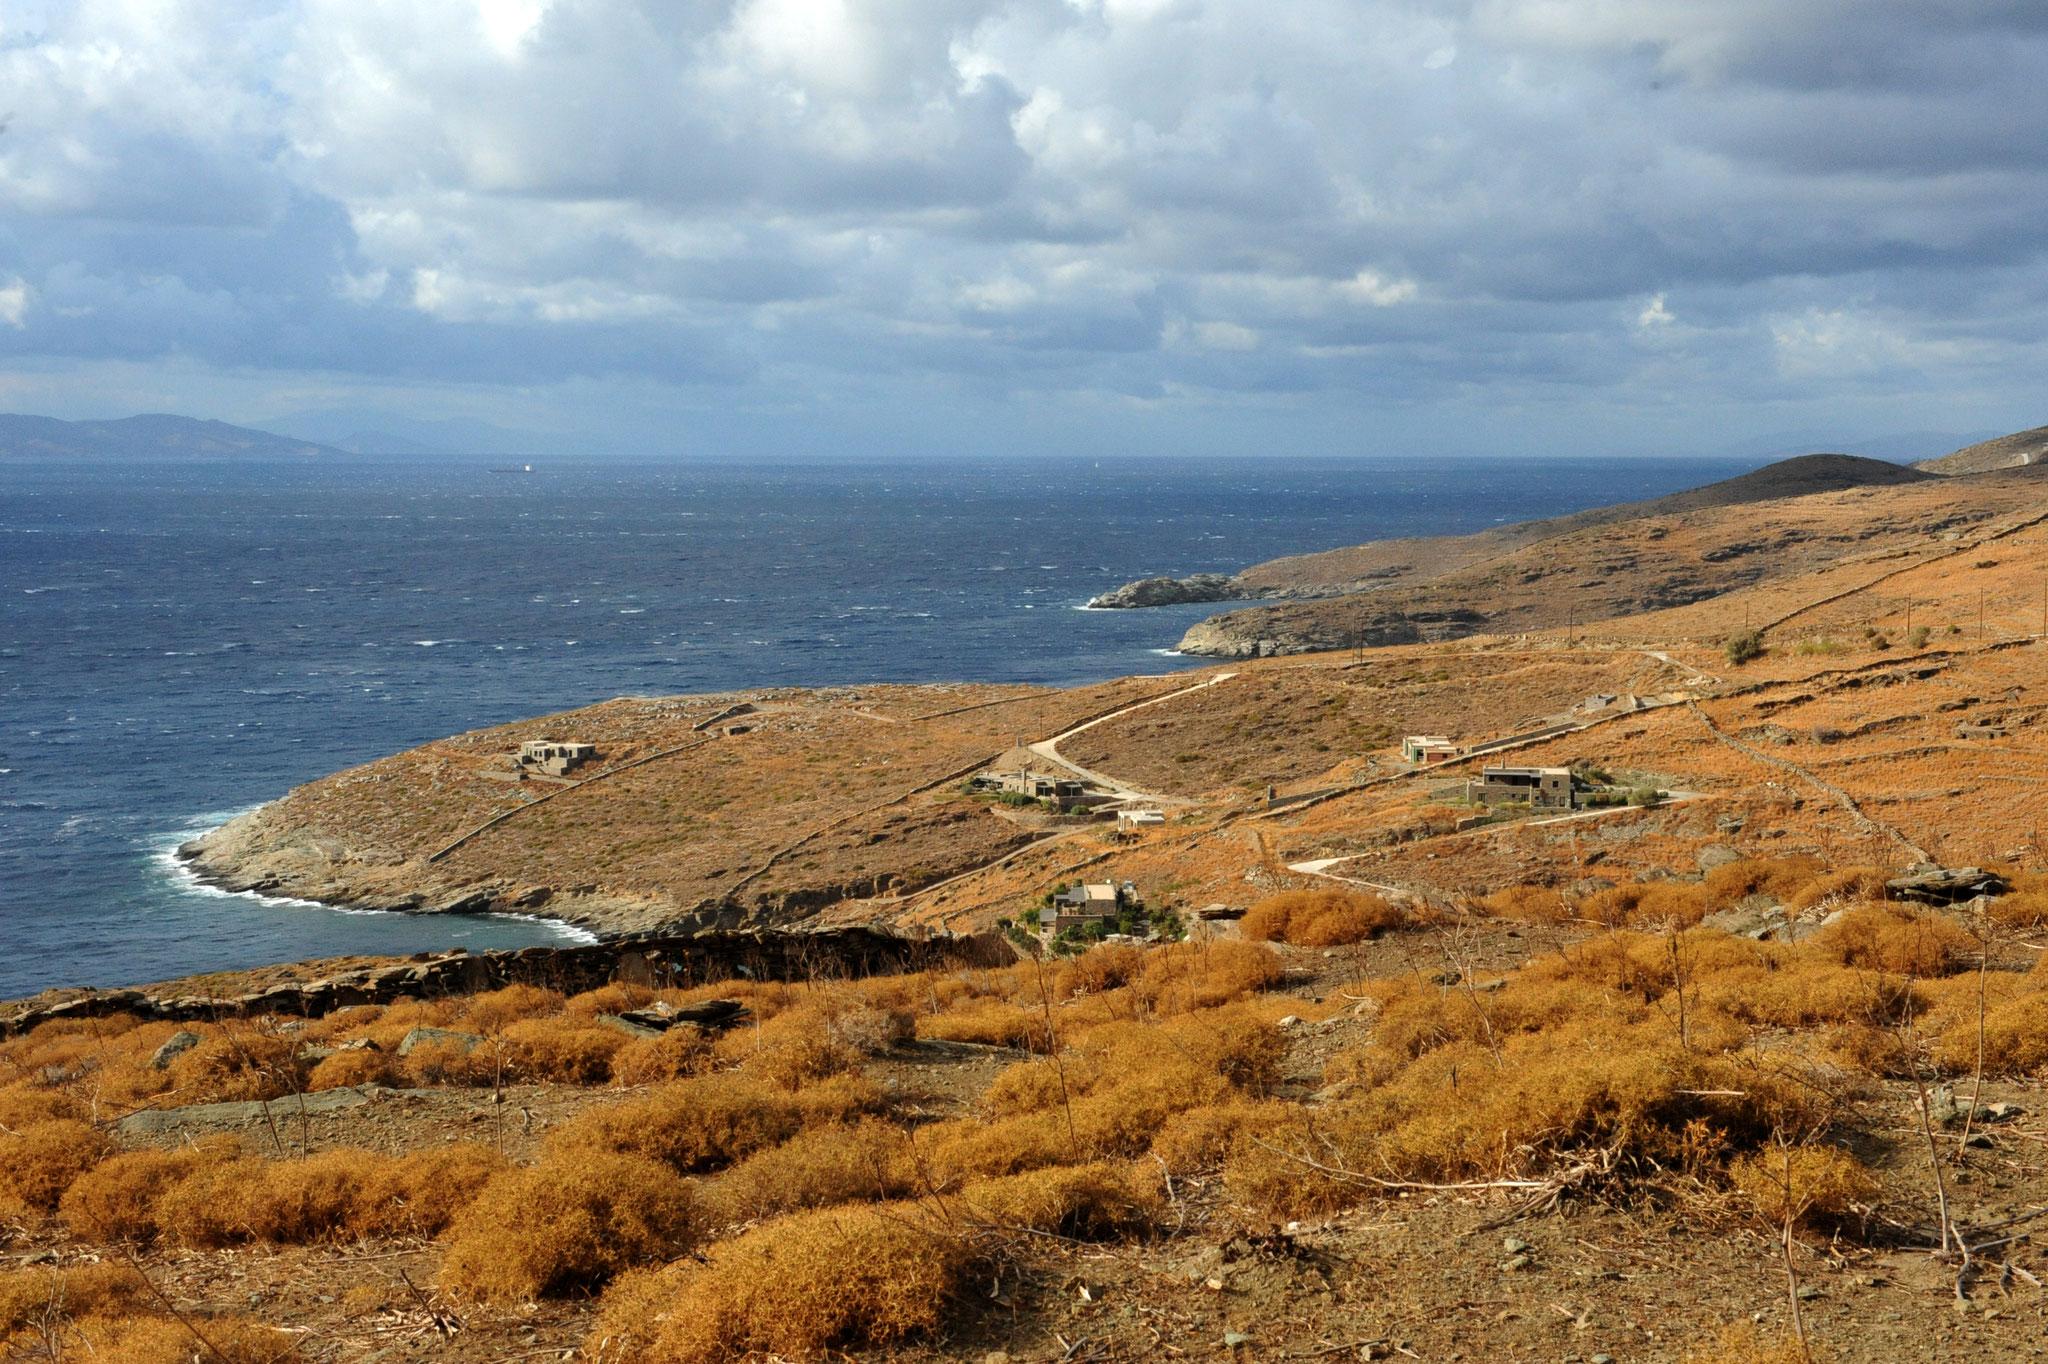 Vor der griechischen Insel Kea sank die Britannic (© Peter Jaeggi)